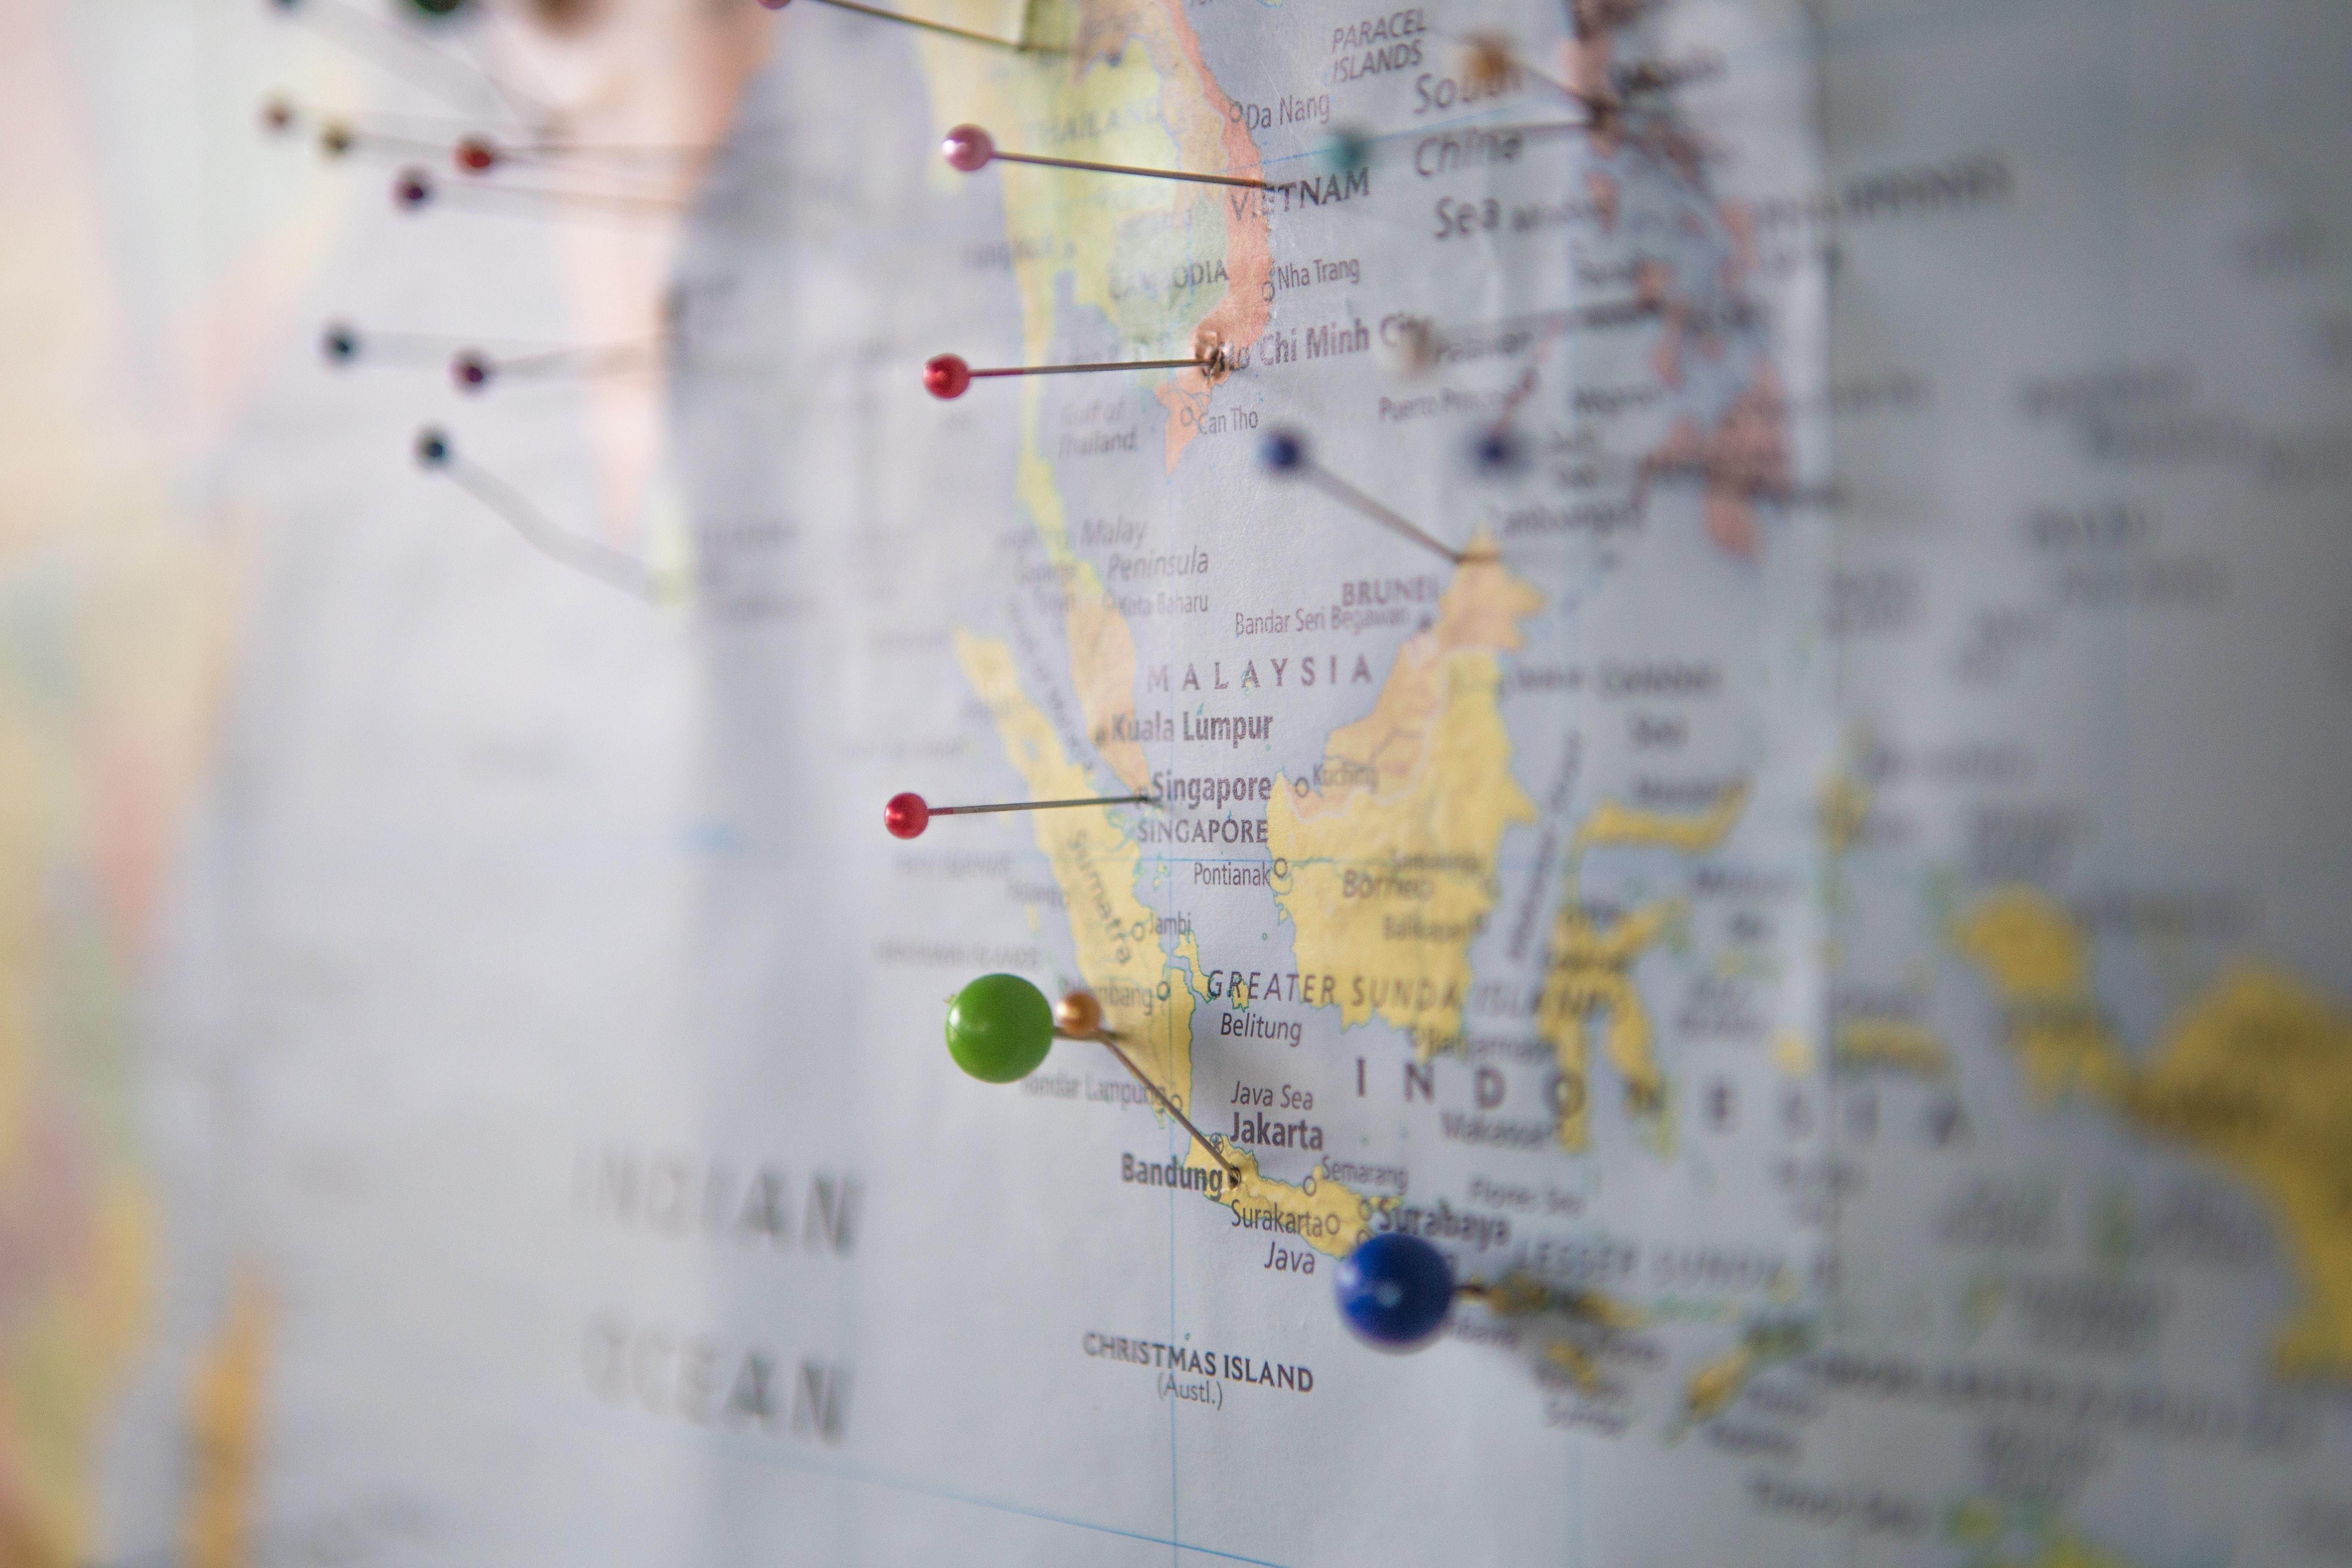 【旅遊氣泡】各國關口何時解封入境限制?一文看清出入境關口解封情況🧳✈️🌏